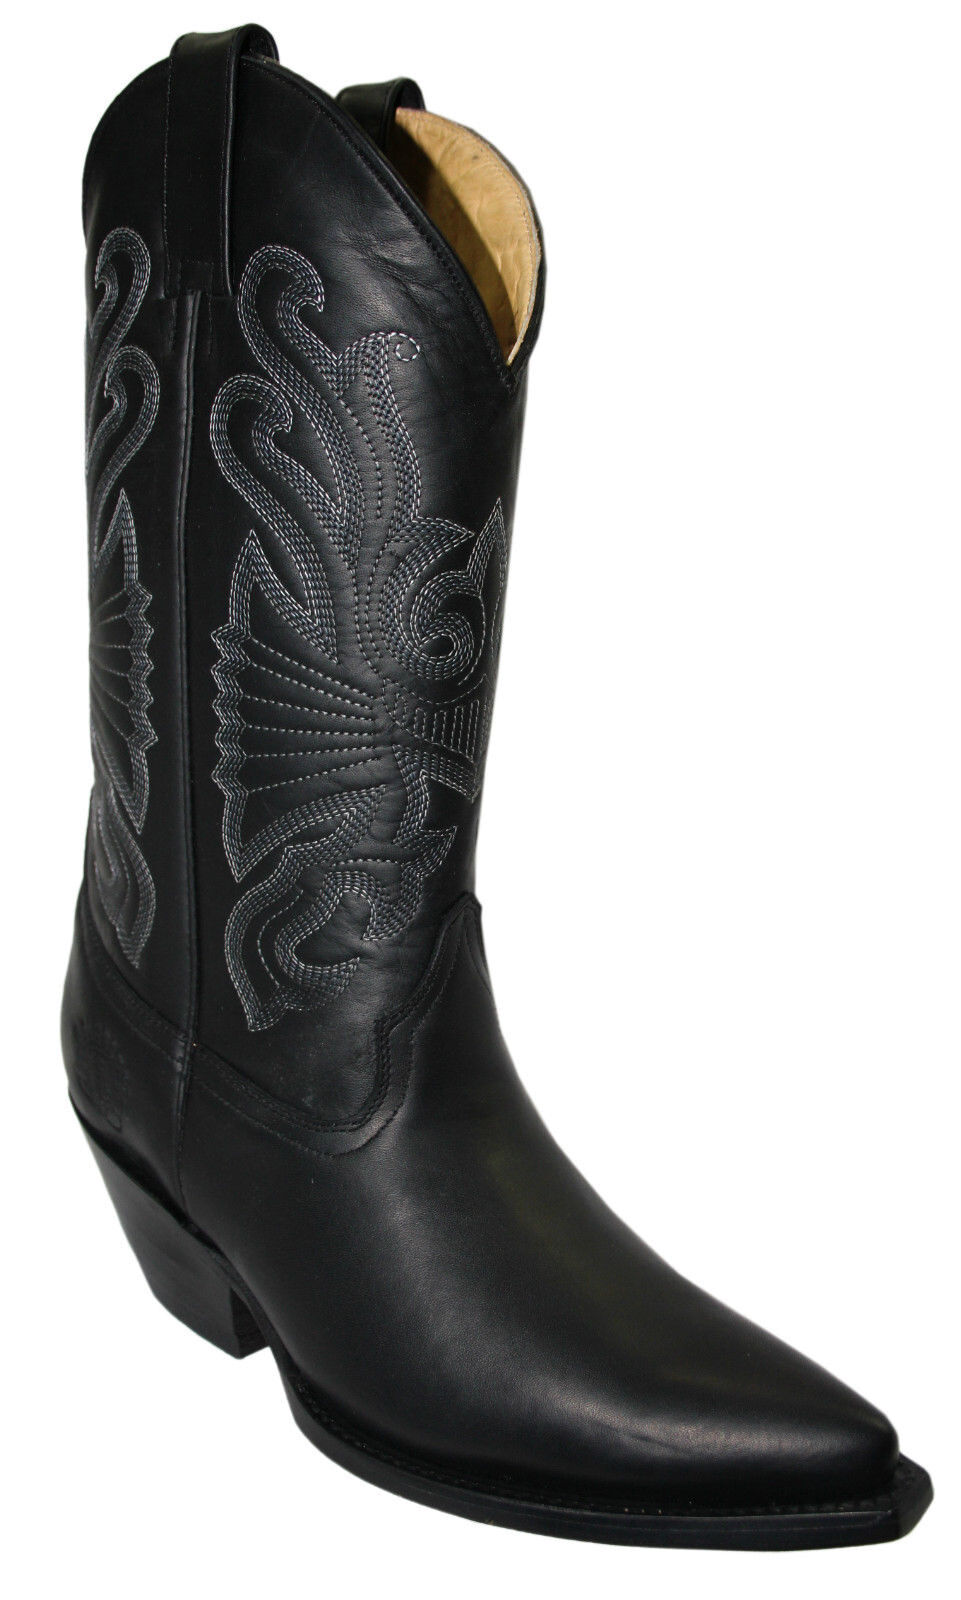 Grinders mujer mujer unisex vaquero occidental de cuero genuino Buffalo Negro Botas